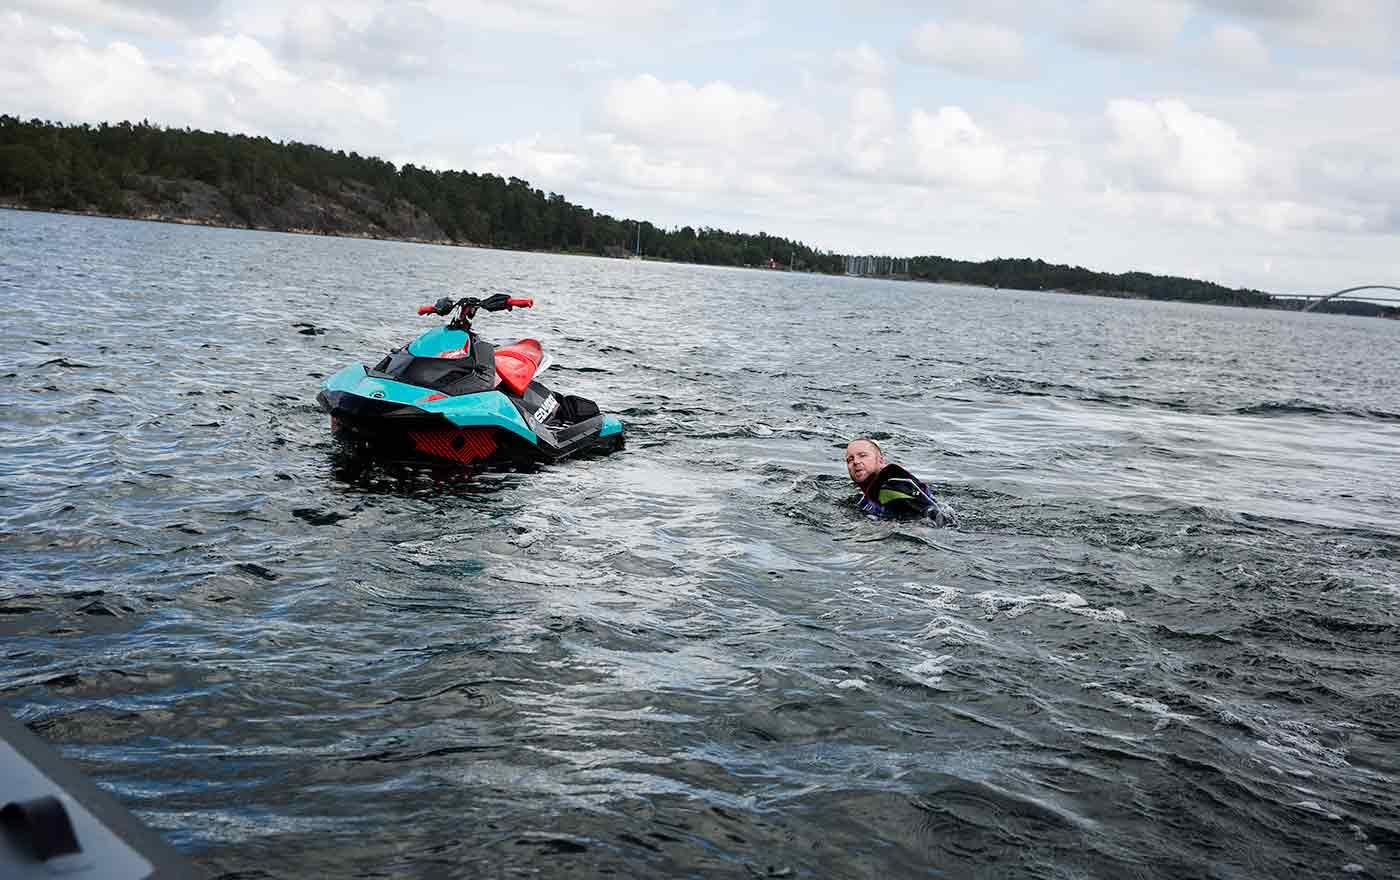 12.20 I plurret Det är vanligt att redaktionsmedlemmarna åker i sjön, speciellt när de testar vattenskotrar.